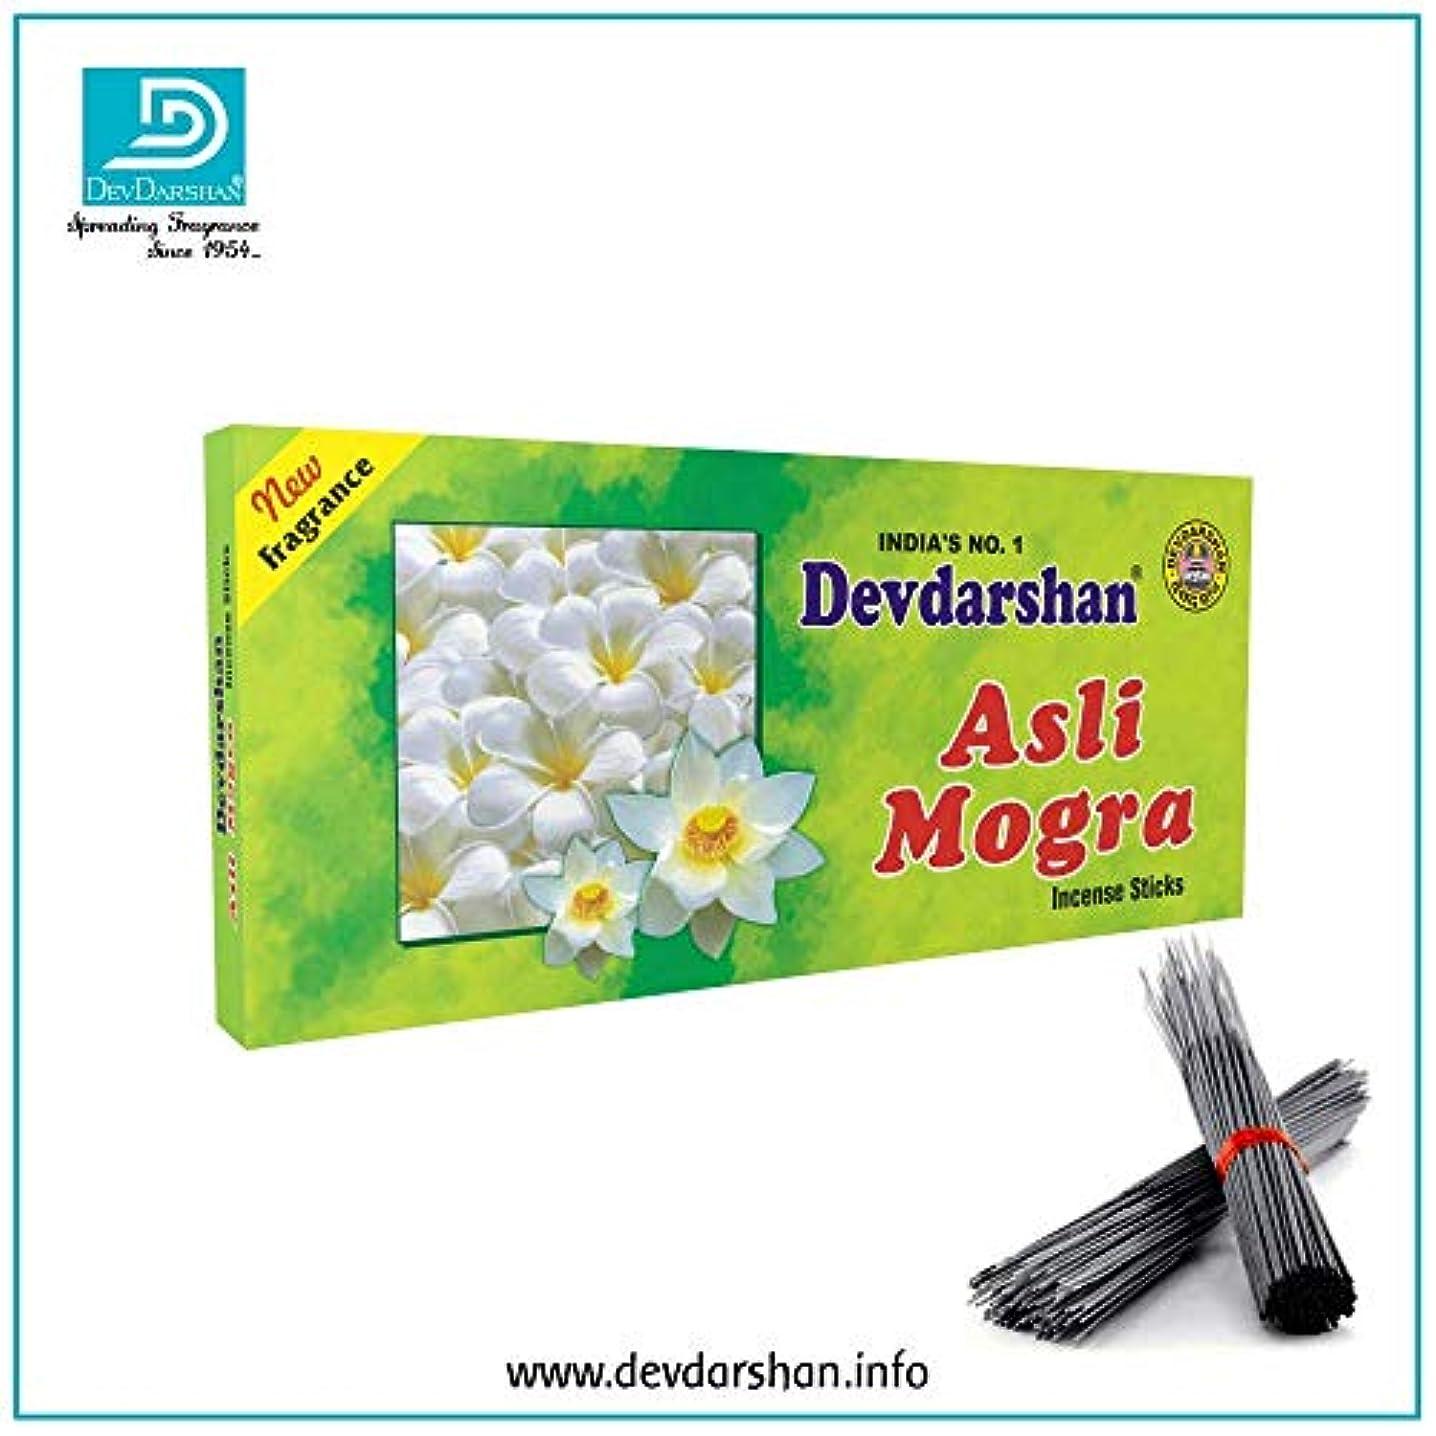 蚊フラップ各Devdarshan Asli Mogra Agarbatti (Pack of 12) 40g Each Unit